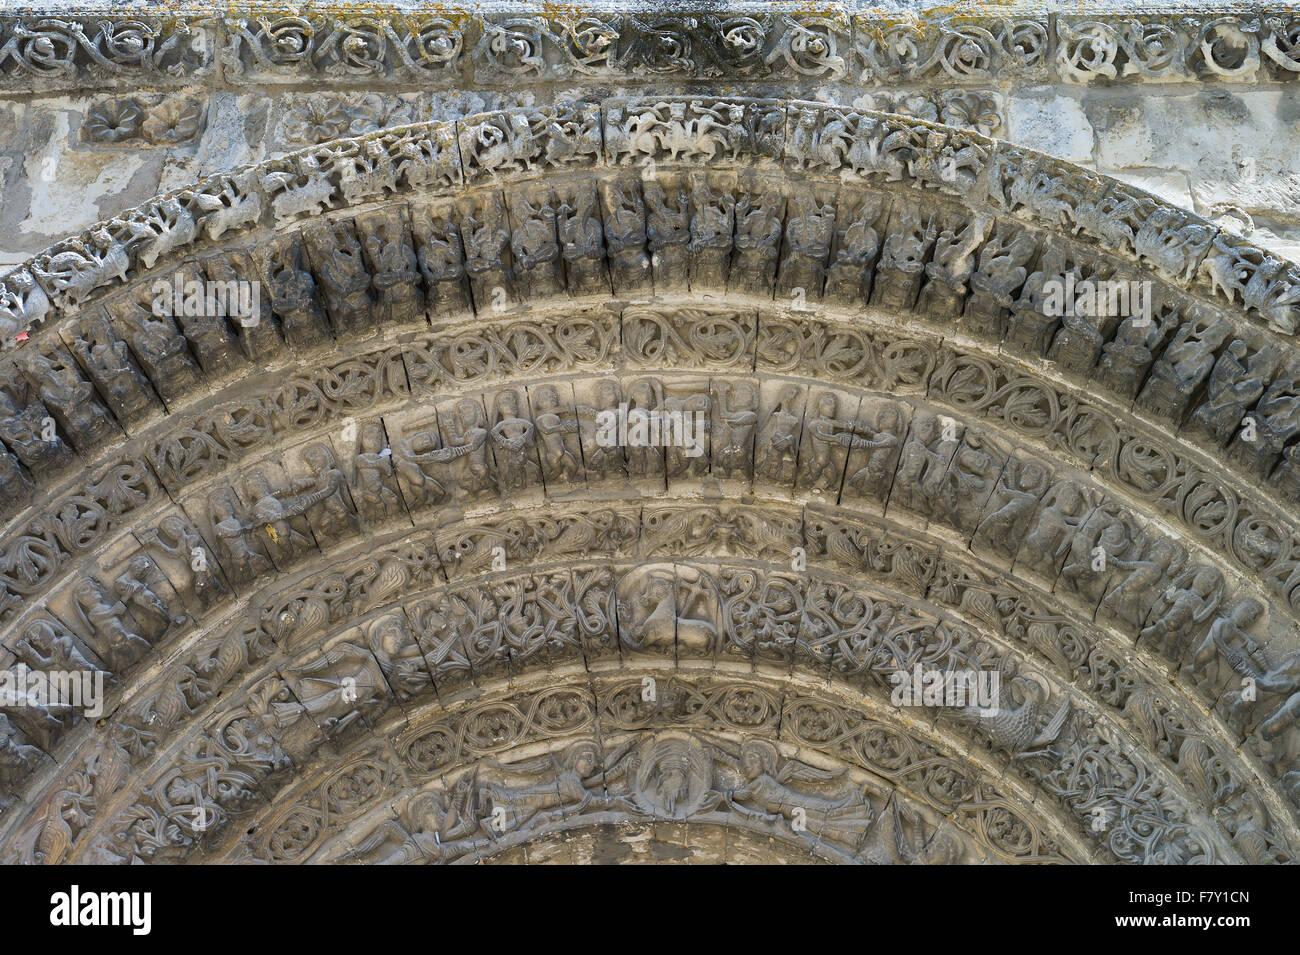 La sculpture décorative en pierre au-dessus de la porte d'entrée de l'Abbaye aux Dames, Saintes, Photo Stock